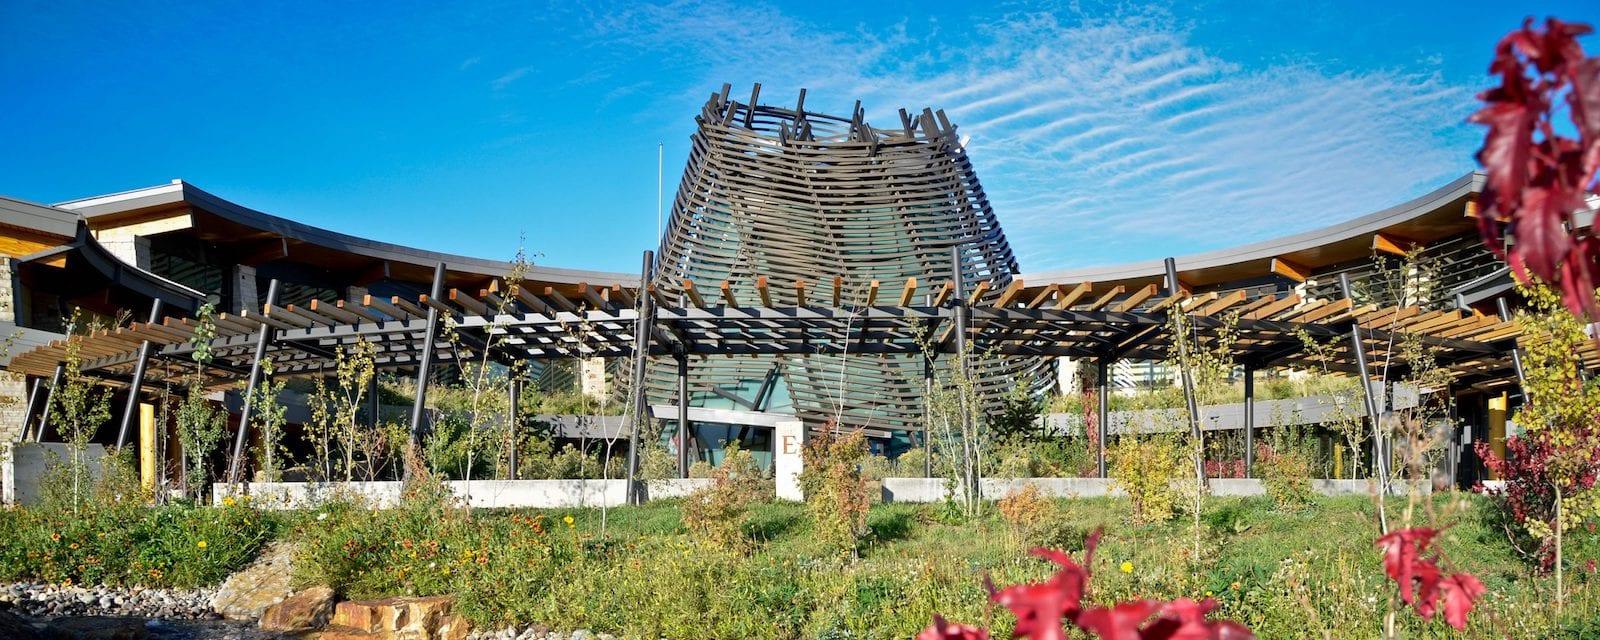 Southern Ute Cultural Center Ignacio CO